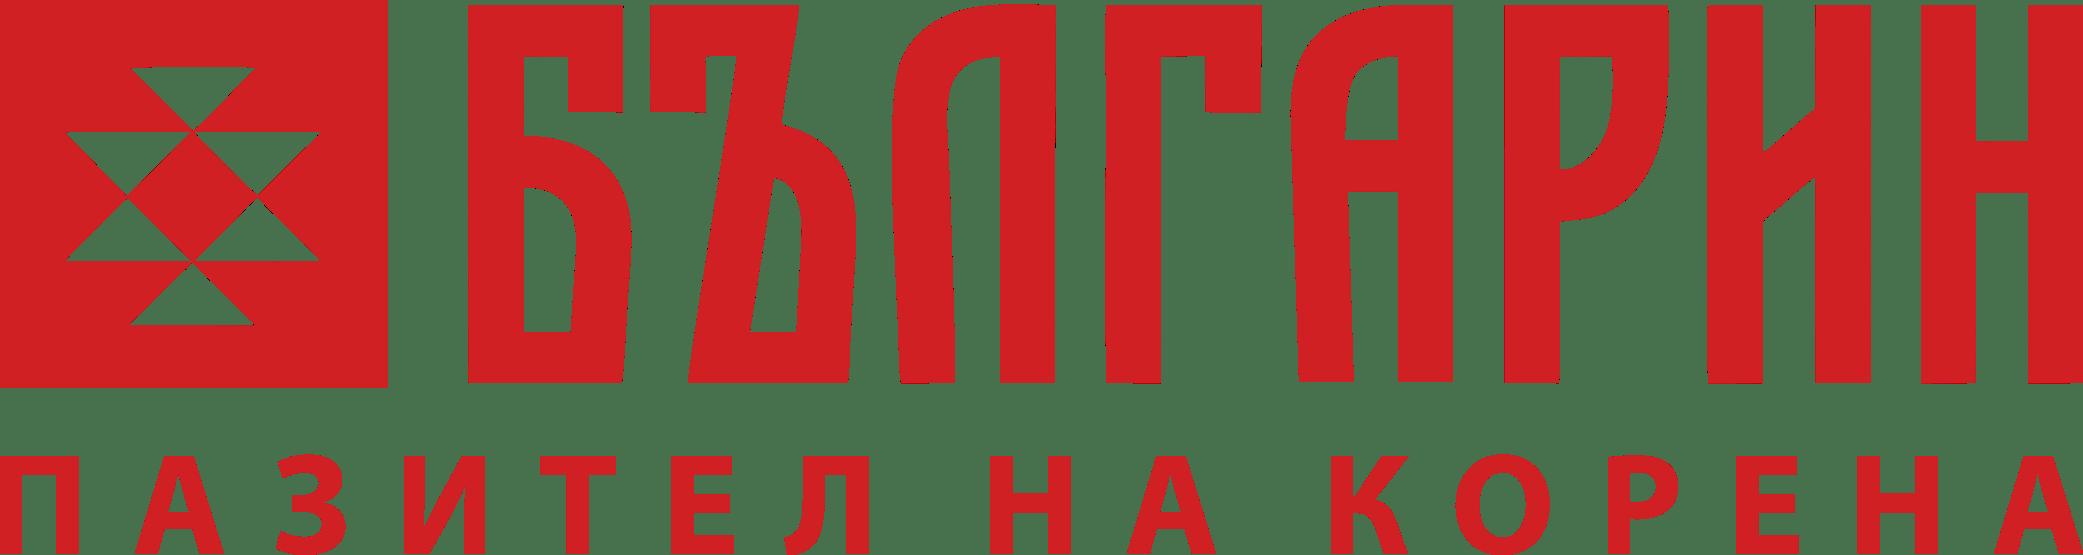 БЪЛГАРИН - Пазител на корена лого